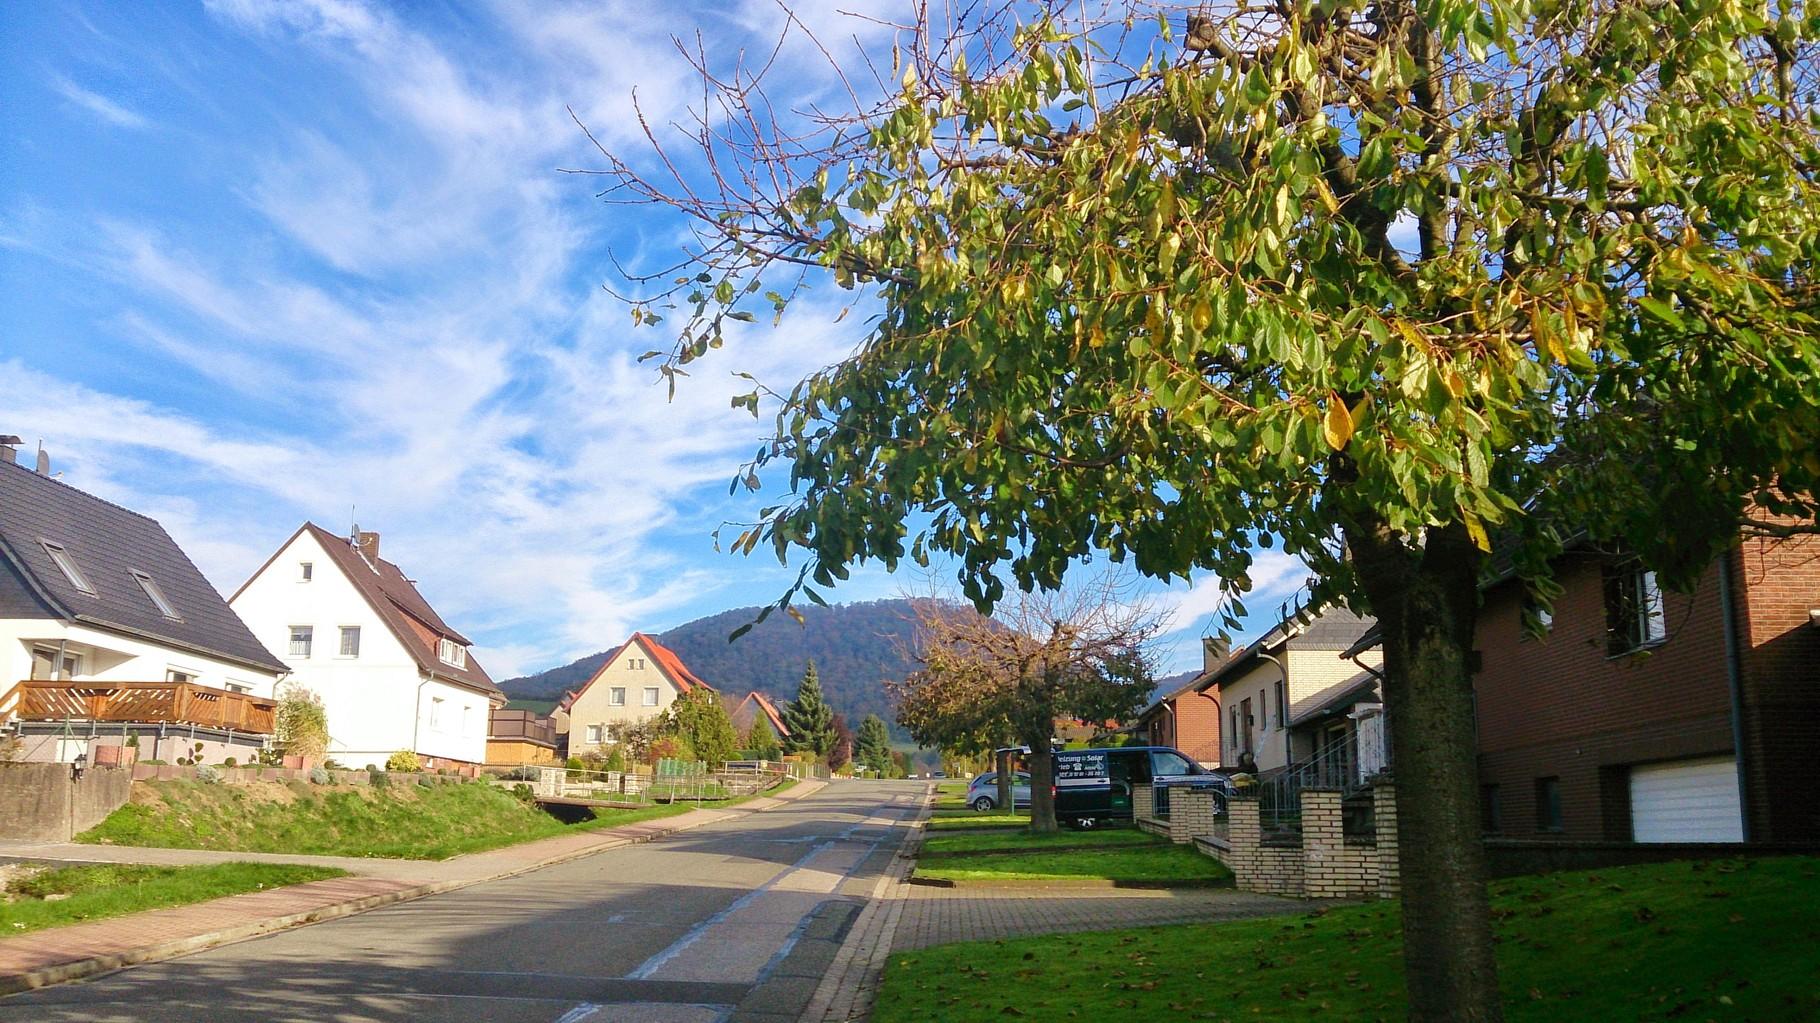 ~ Bild: Ausblick auf den Hörzen am Kirschweg in Brüggen (Leine) ~